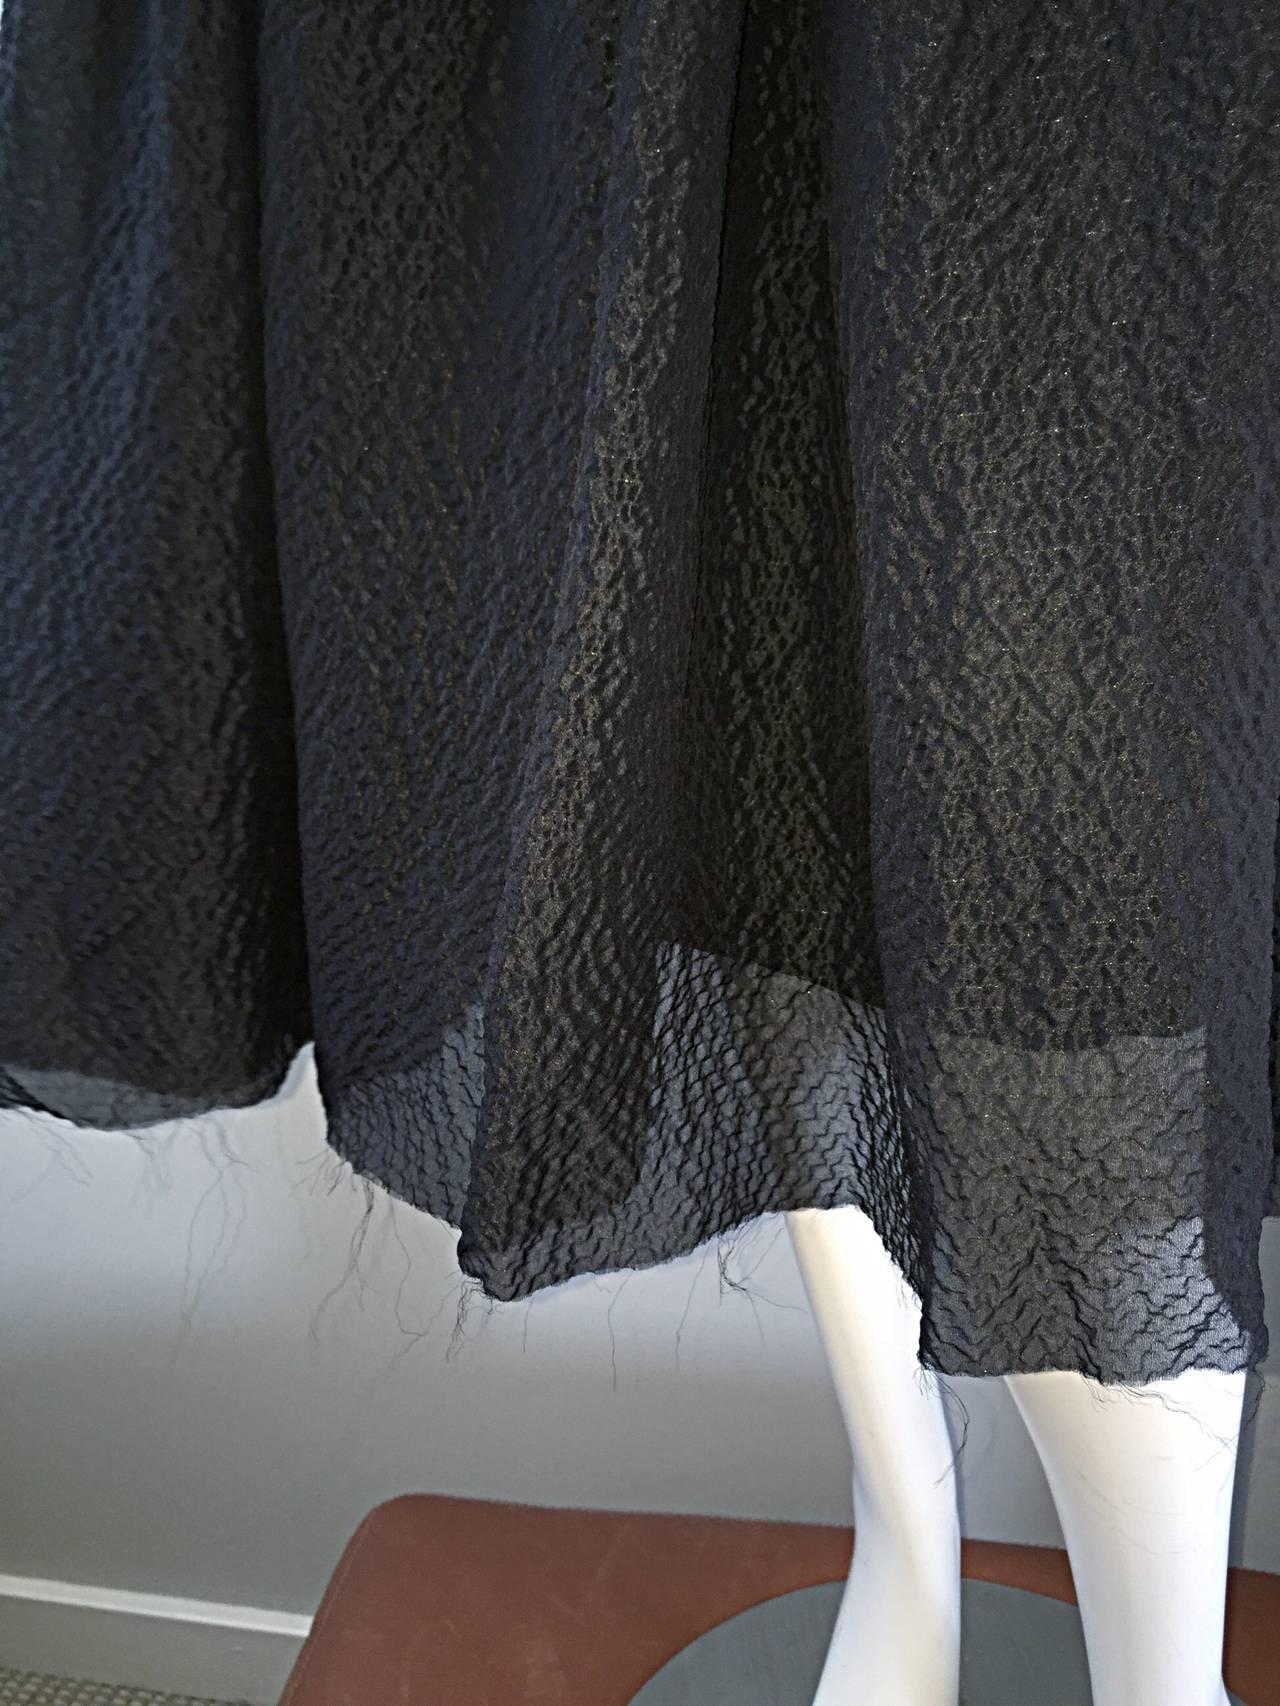 New Dolce & Gabbana Black Silk Bustier Runway Dress from